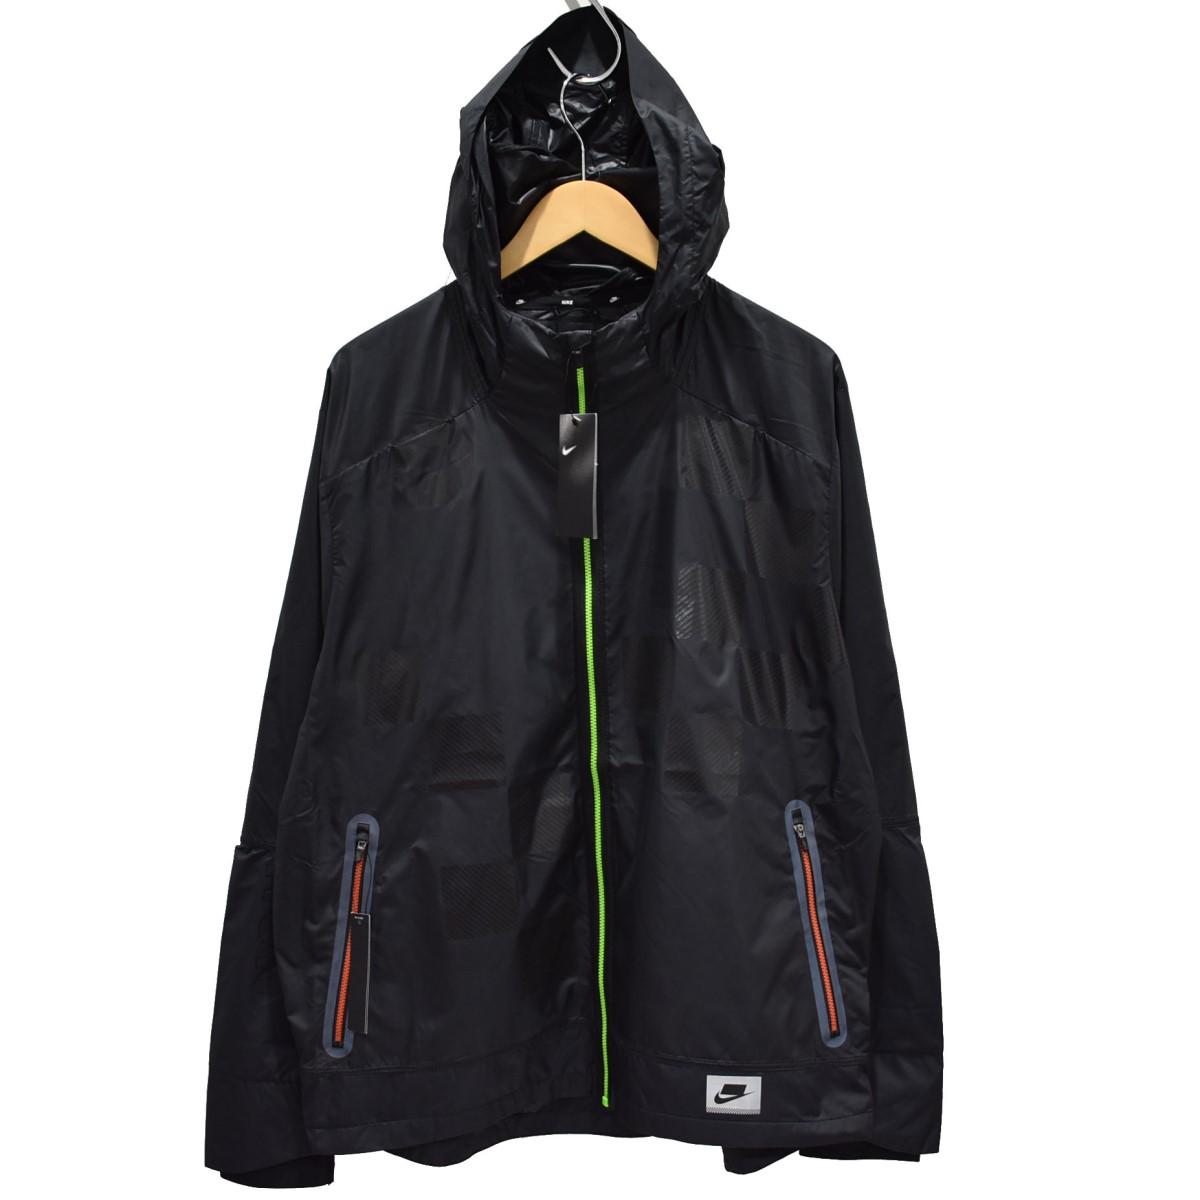 【中古】NIKE 19AW ワイルドランシールドジャケット ブラック サイズ:XL 【040520】(ナイキ)